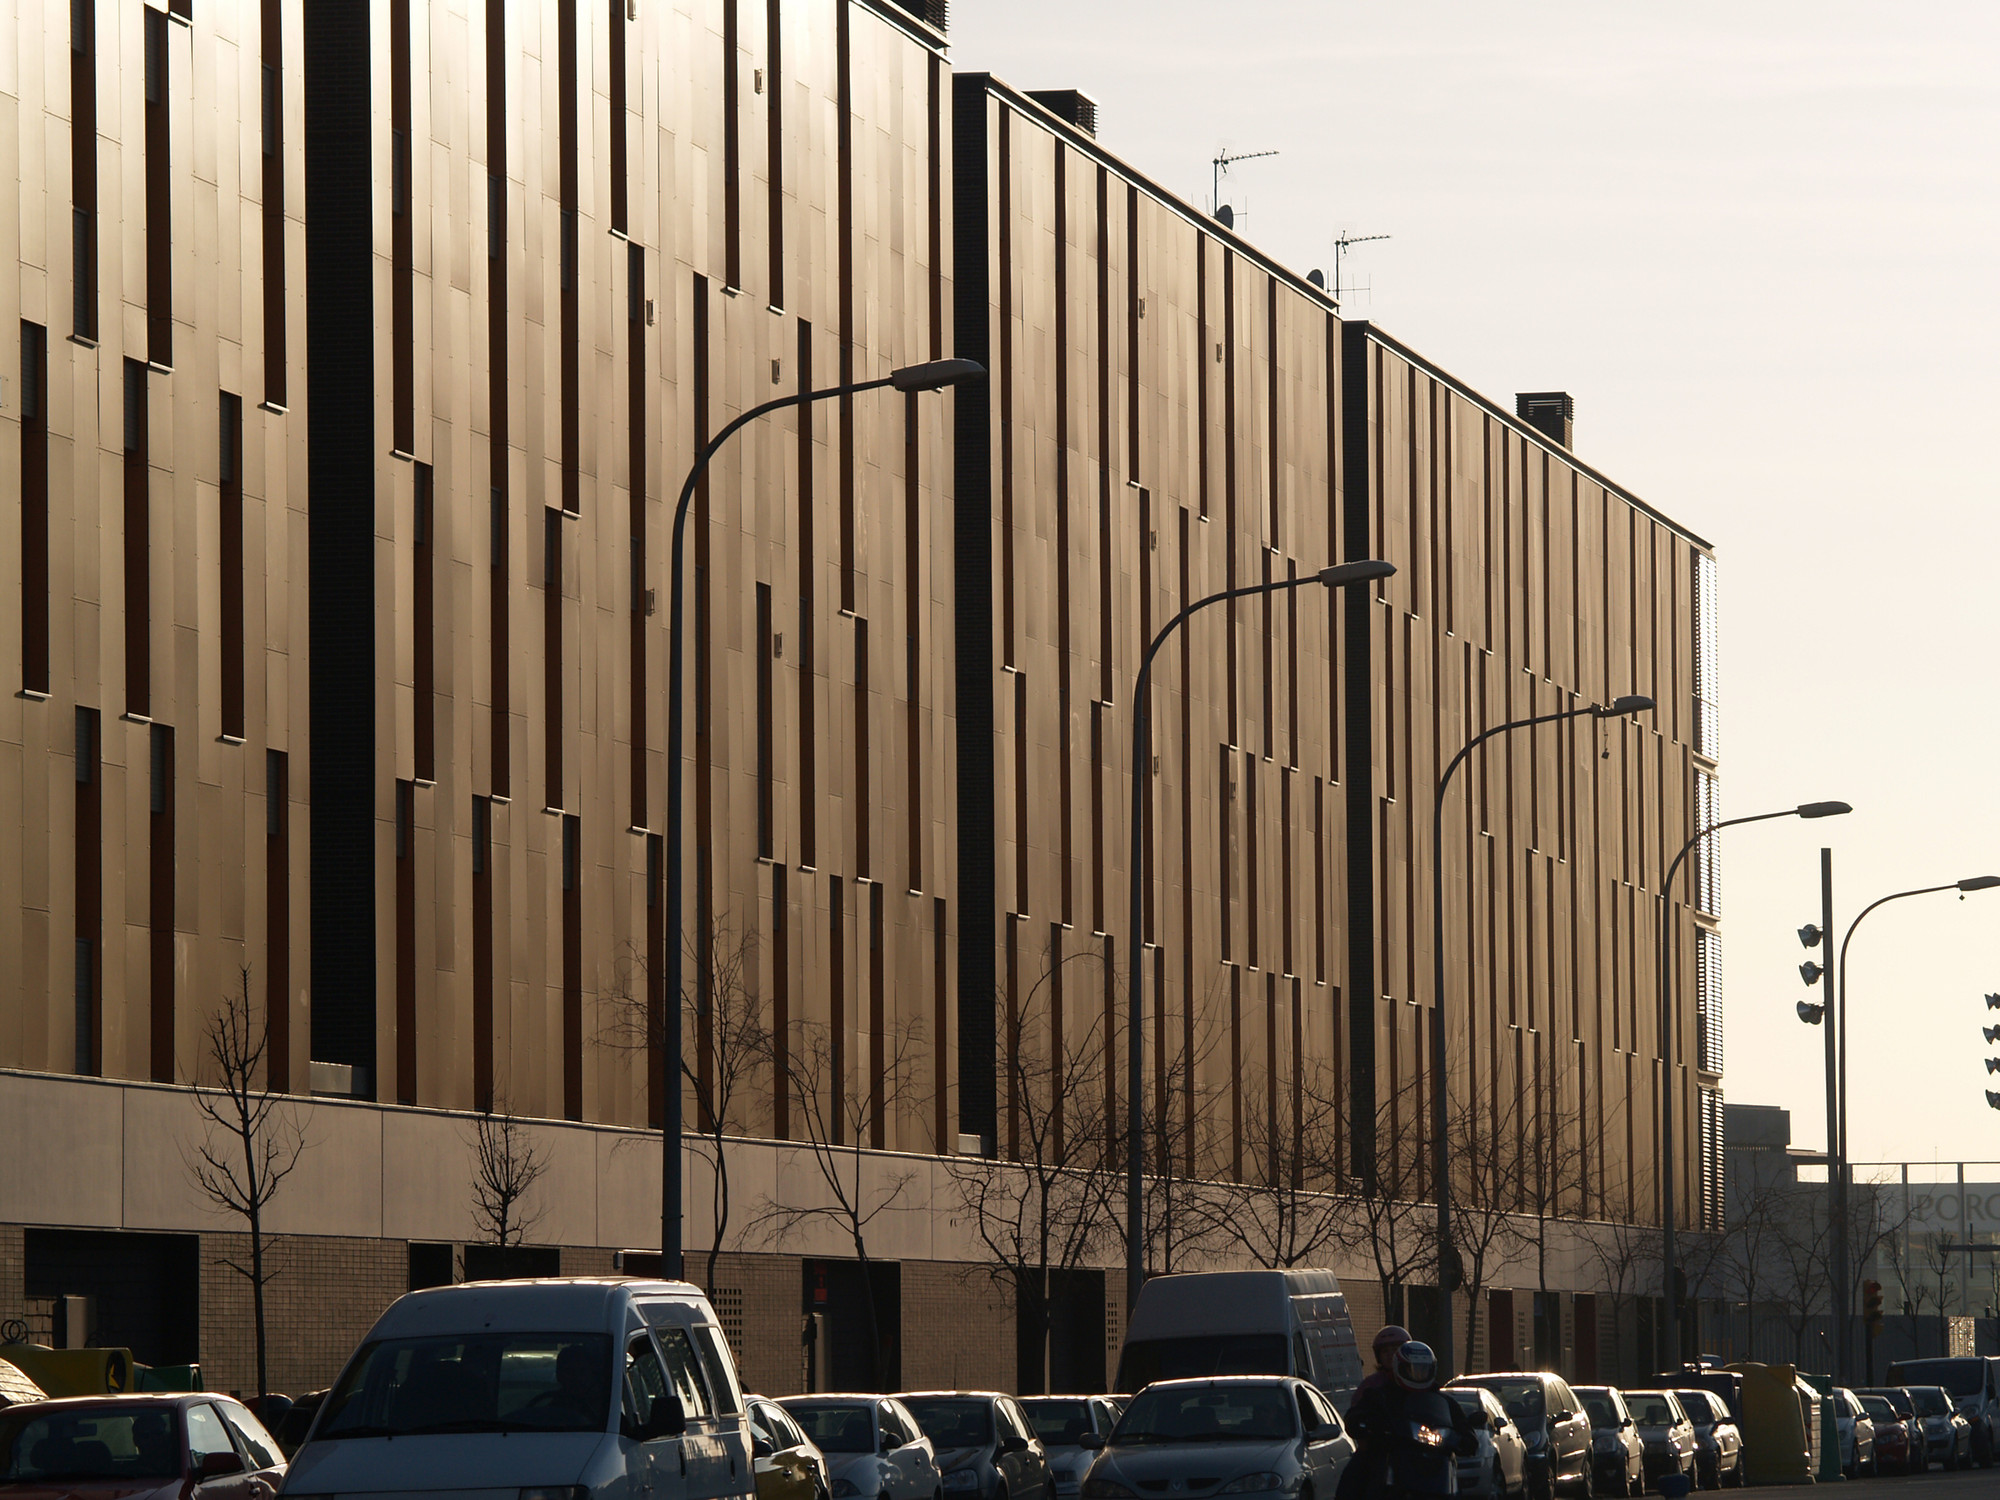 Galeria De Conjunto Habitacional Com 233 Rcio E Estacionamentos Onl Arquitectura 12